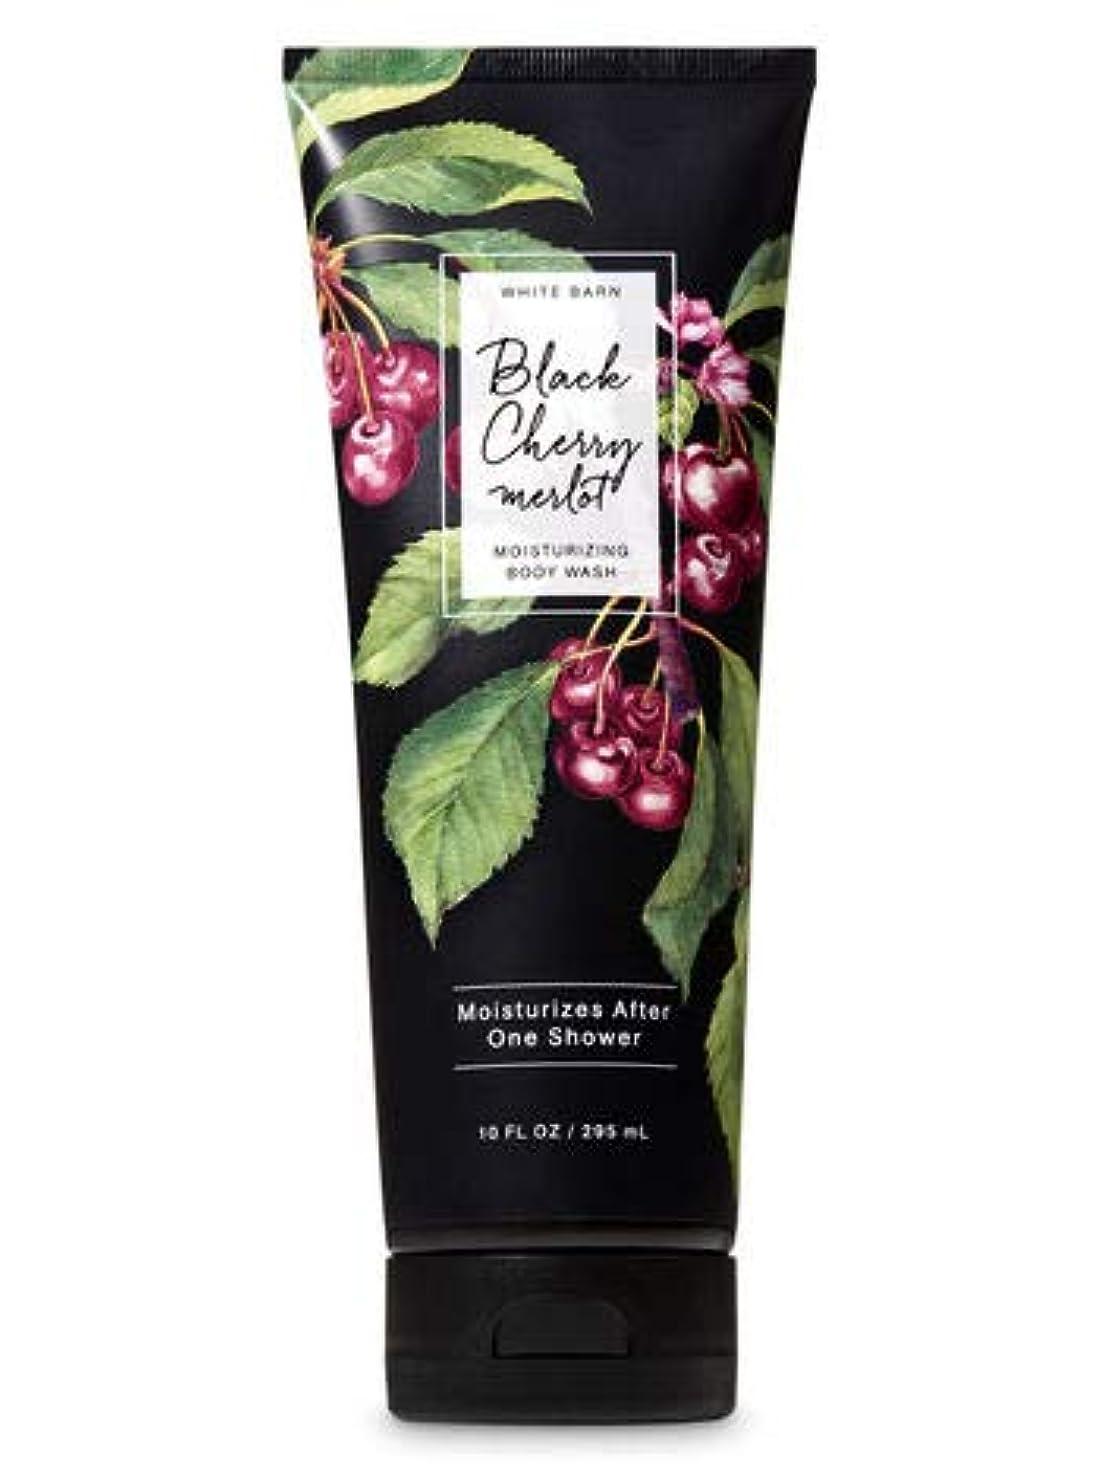 ずっと柔らかさ記憶【Bath&Body Works/バス&ボディワークス】 モイスチャライジングボディウォッシュ ブラックチェリーメルロー Moisturizing Body Wash Black Cherry Merlot 10 fl oz / 295 mL [並行輸入品]